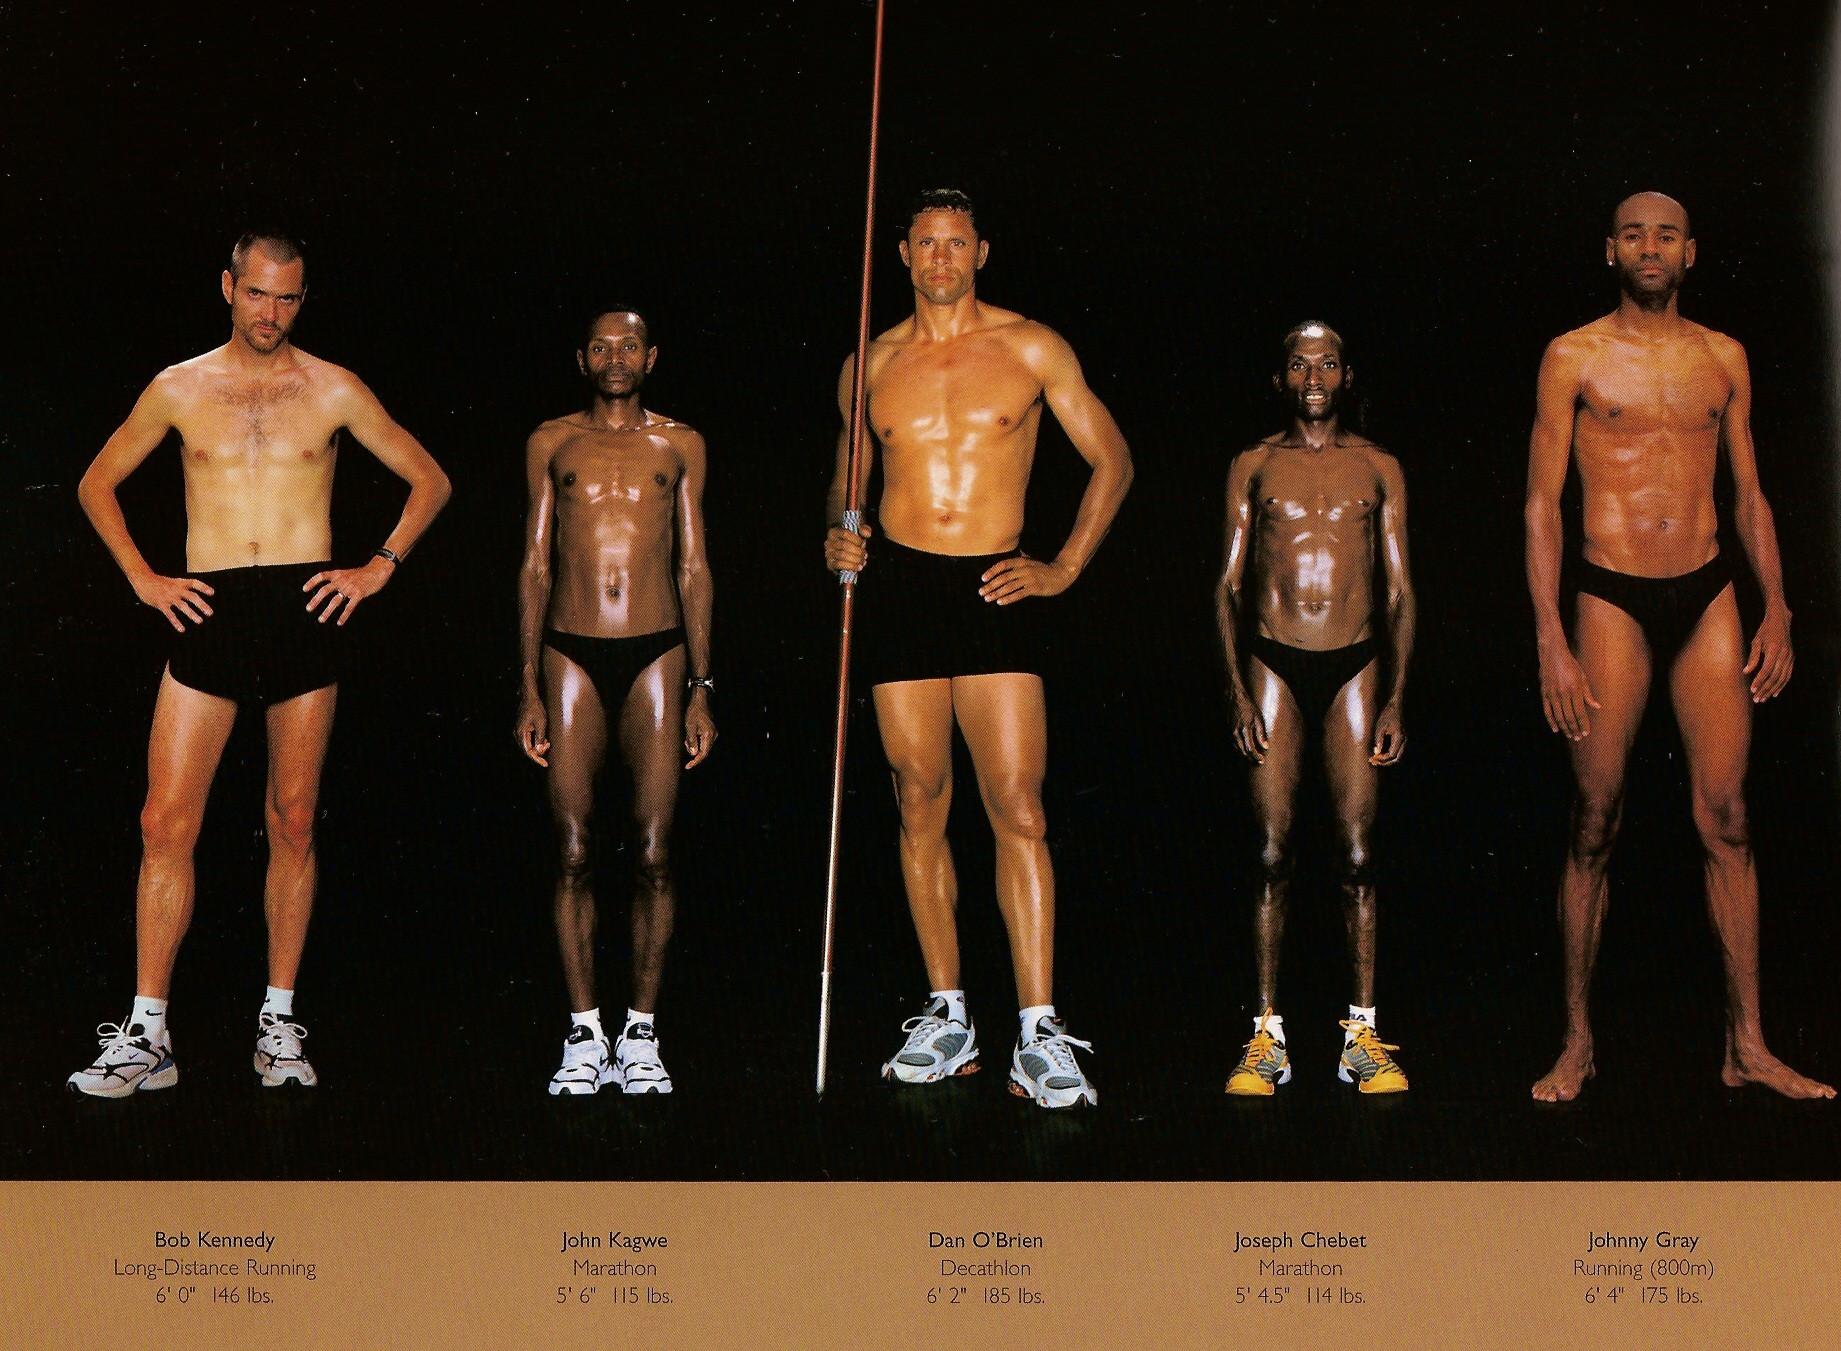 Howard Schatz / слева направо: бег на большие дистанции, марафоны, декатлон, марафоны, бег на 800 метров.